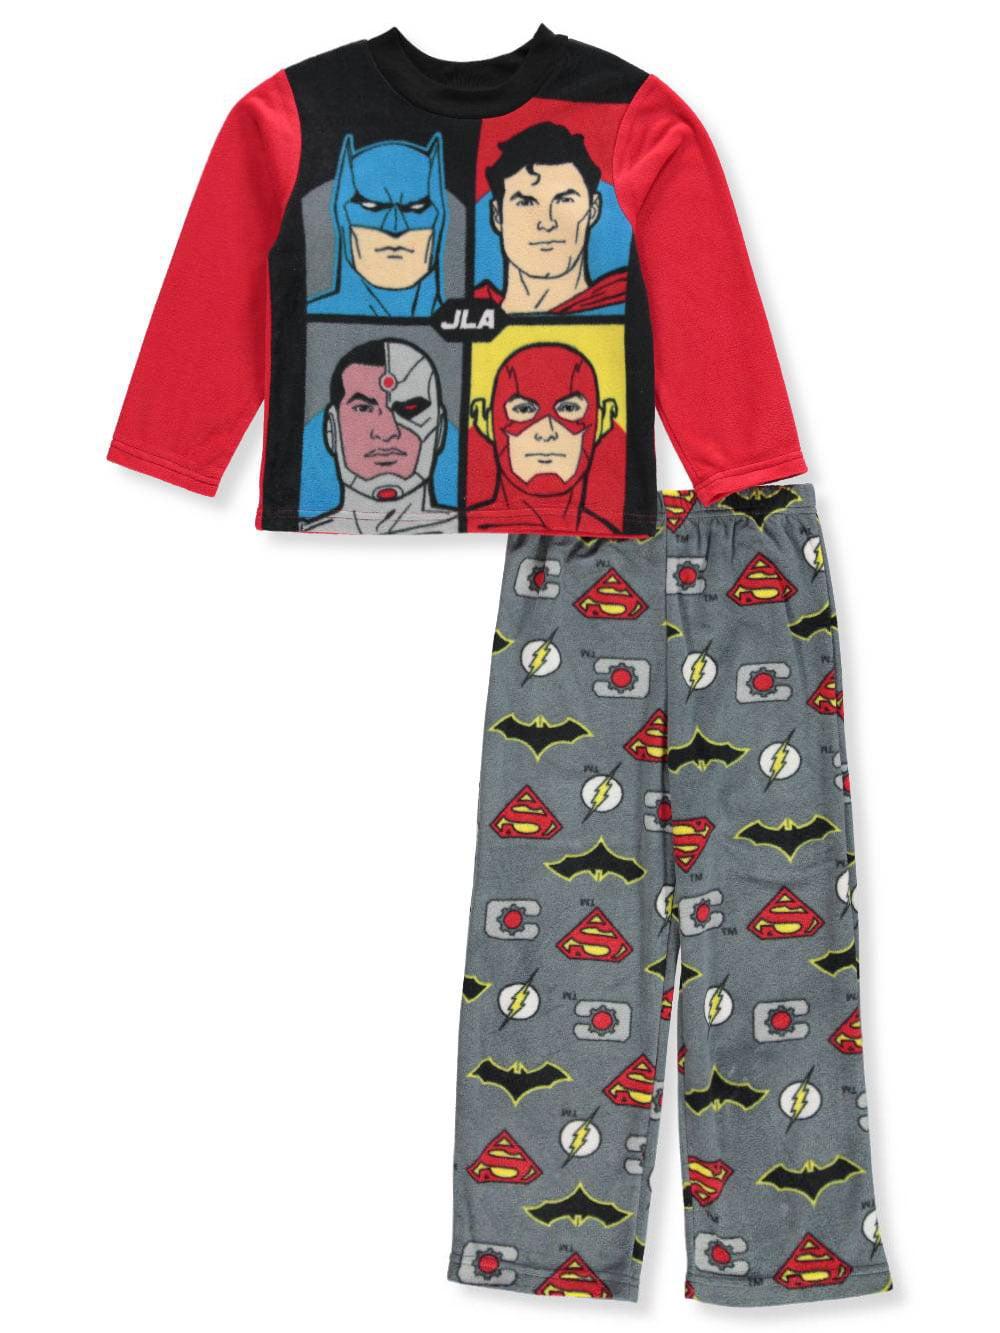 Justice League Boys' 2-Piece Pajamas